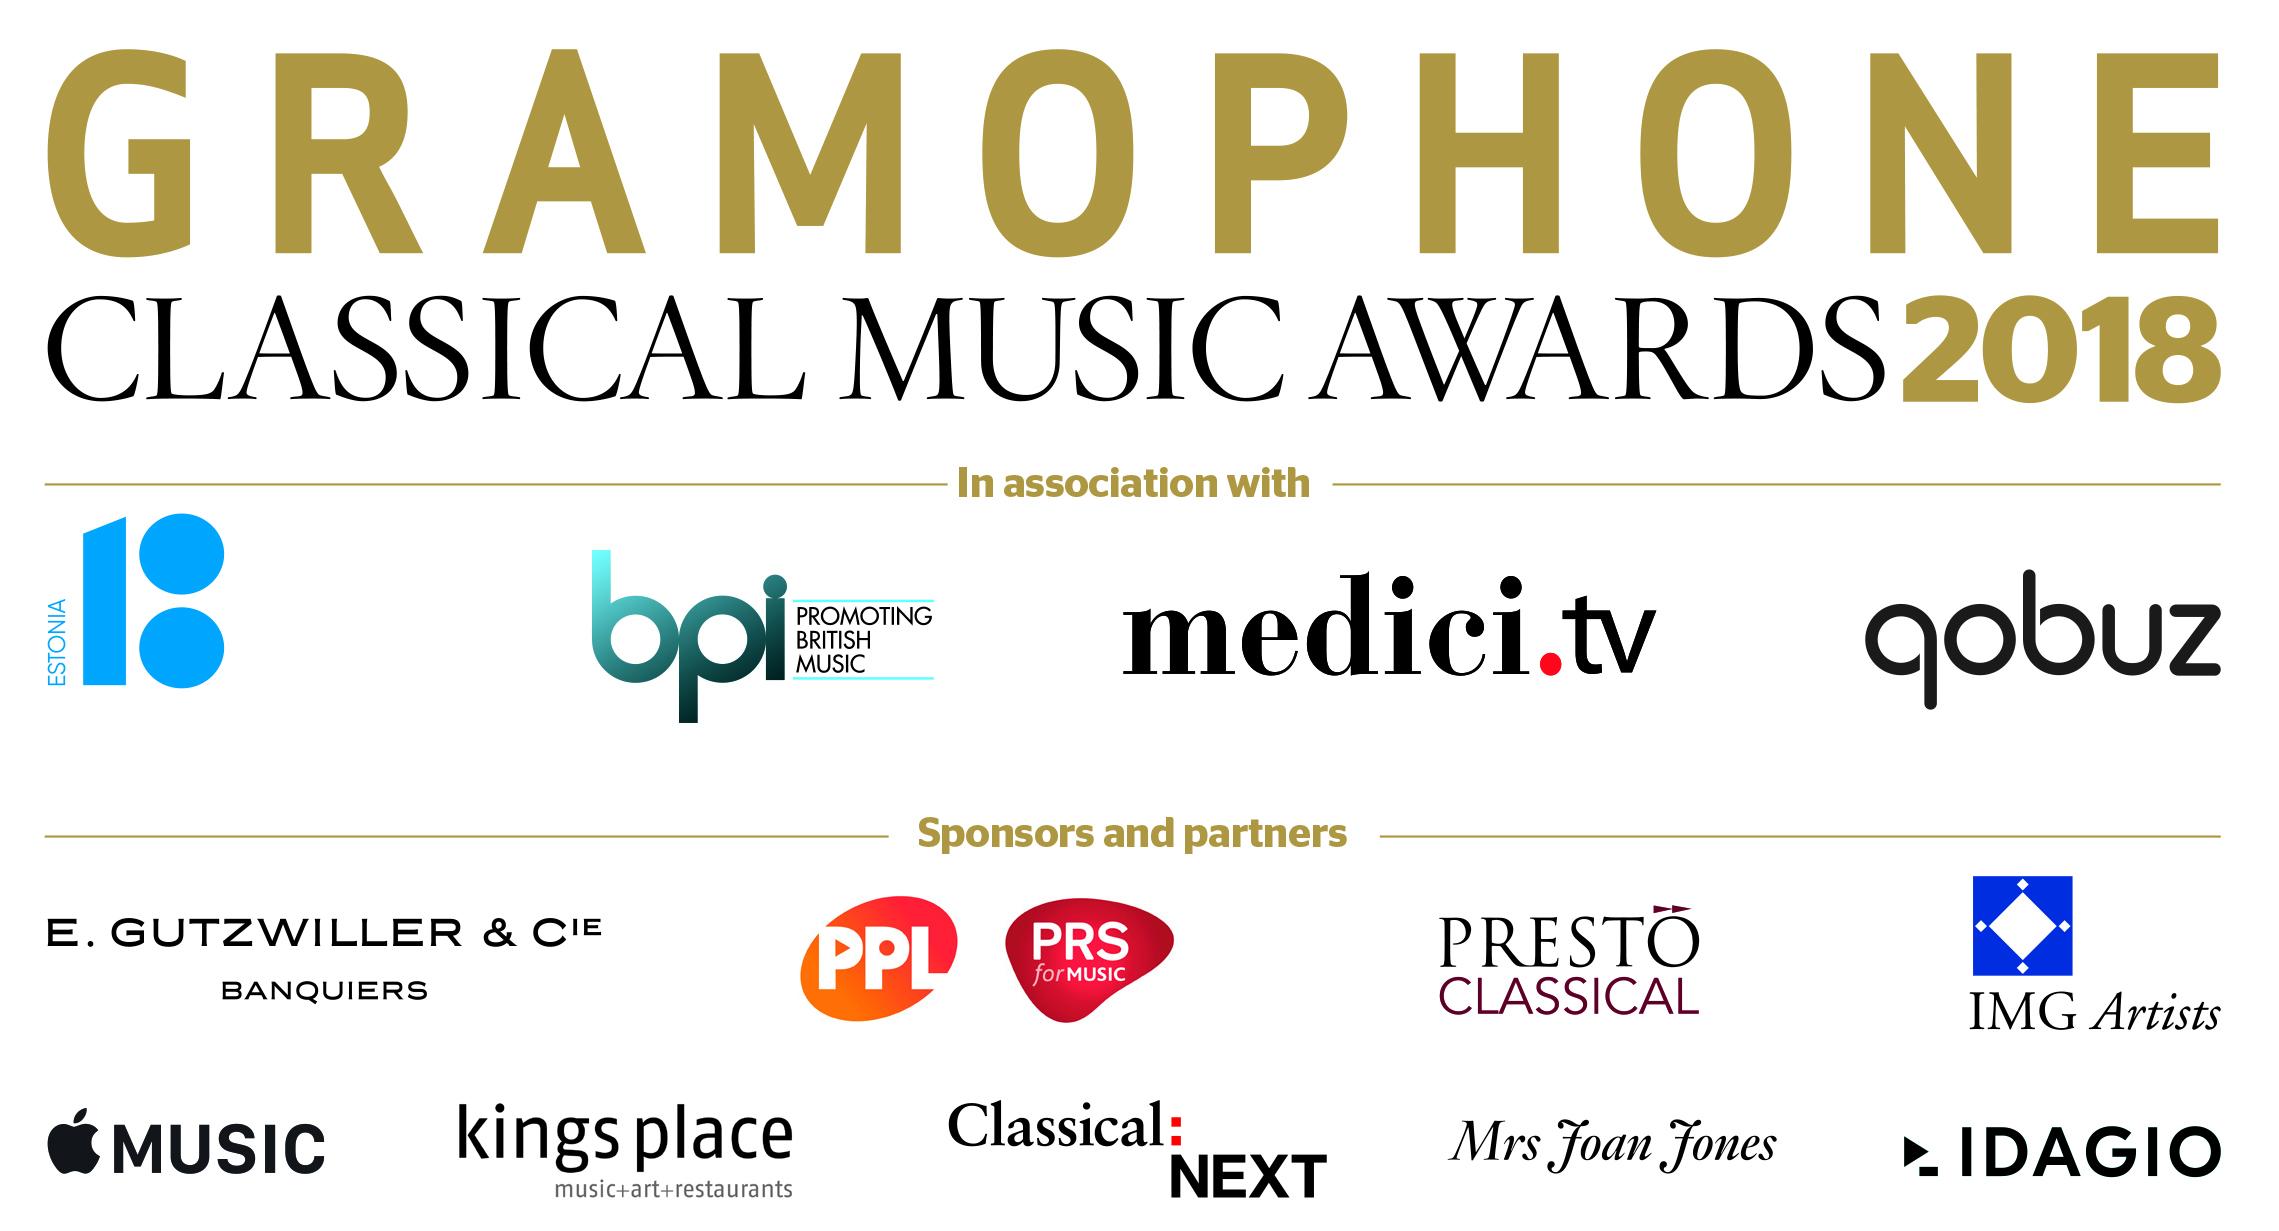 Gramophone Sponsors